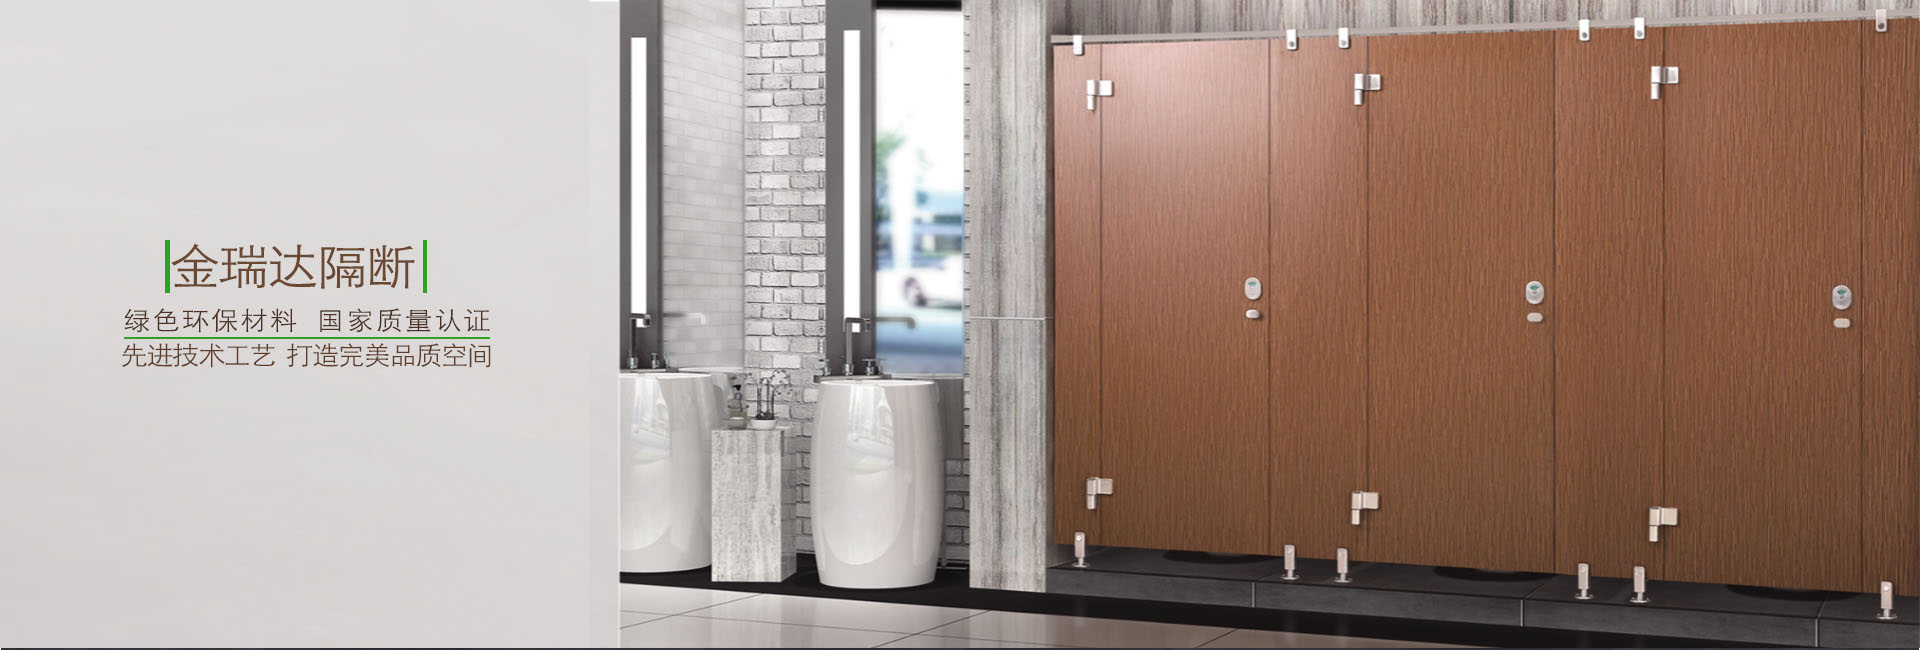 洗手间隔断